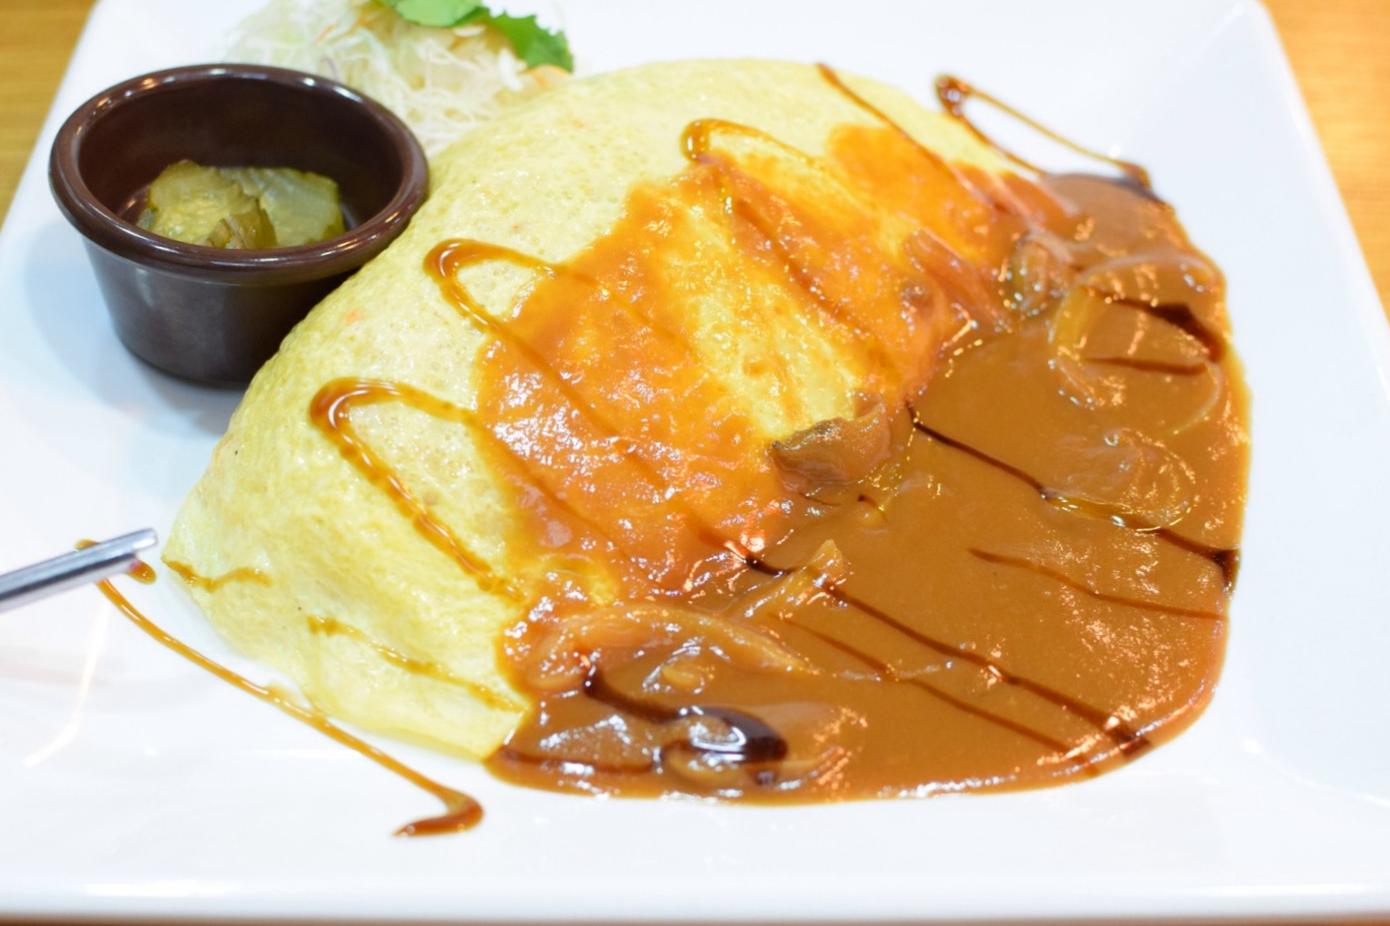 tahle omeleta plněná rýží a zeleninou na kostičky spolu s párkem si zaslouží velkoufoto. Mé oblíbené jídlo už z korejských restaurací vČechách. Našla jsem ji tam!